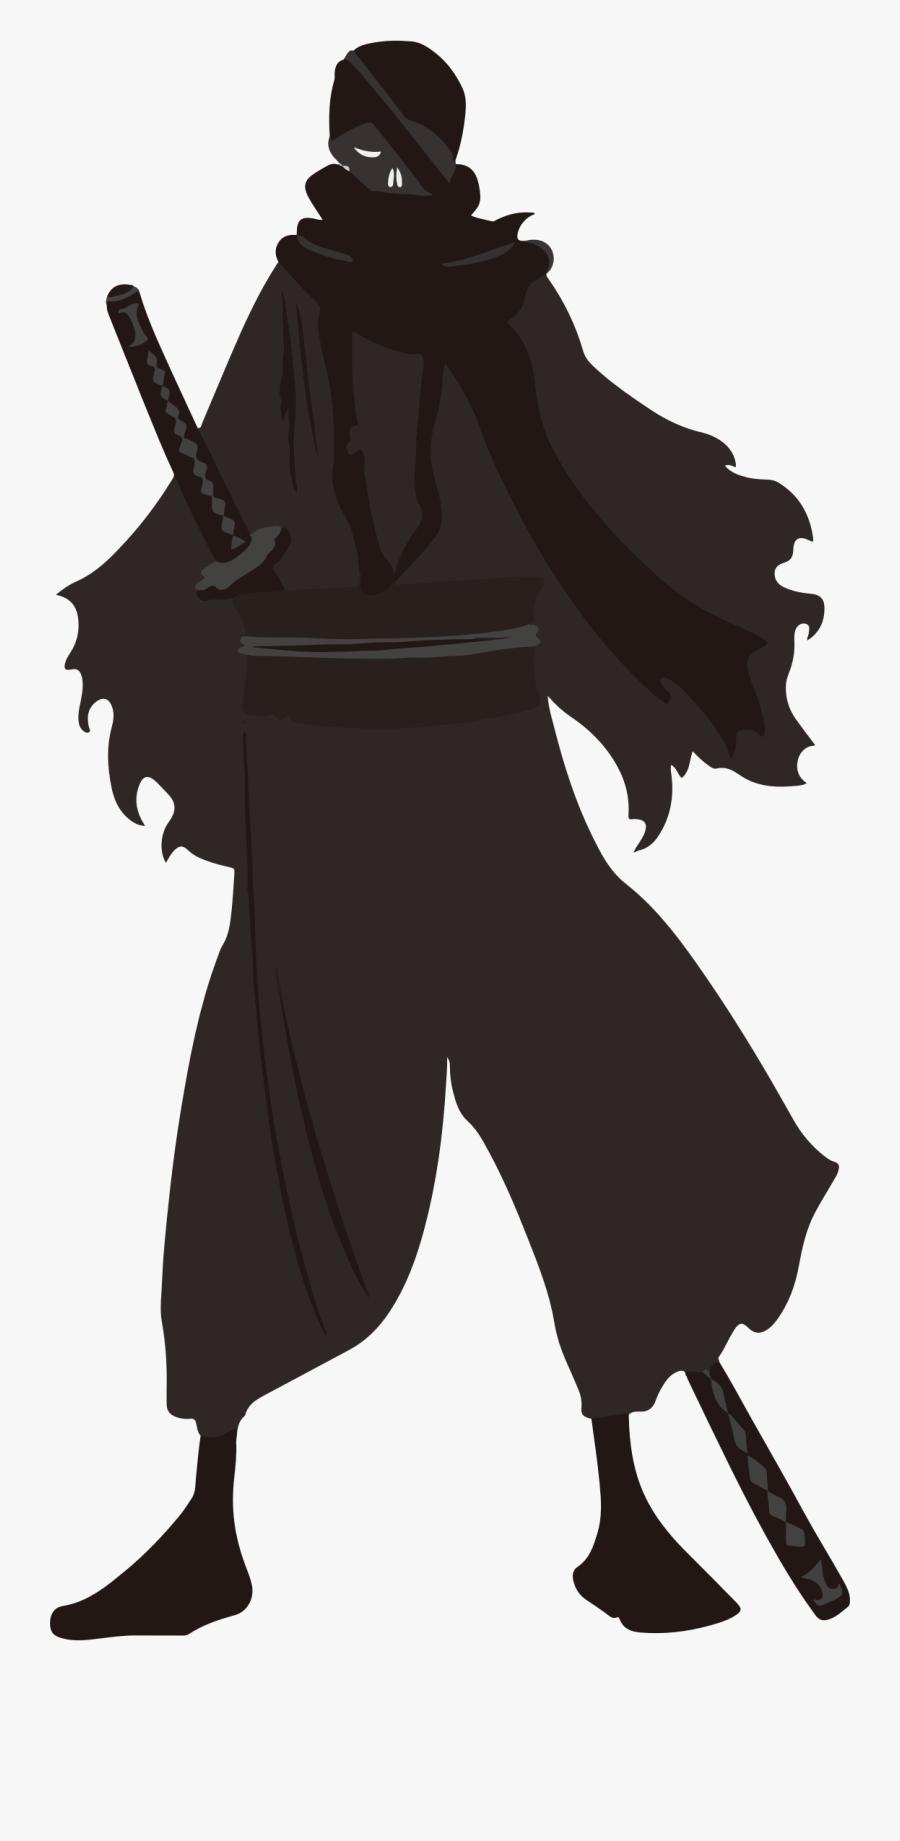 Ninja Public Domain Clip Art - Ninja Png, Transparent Clipart